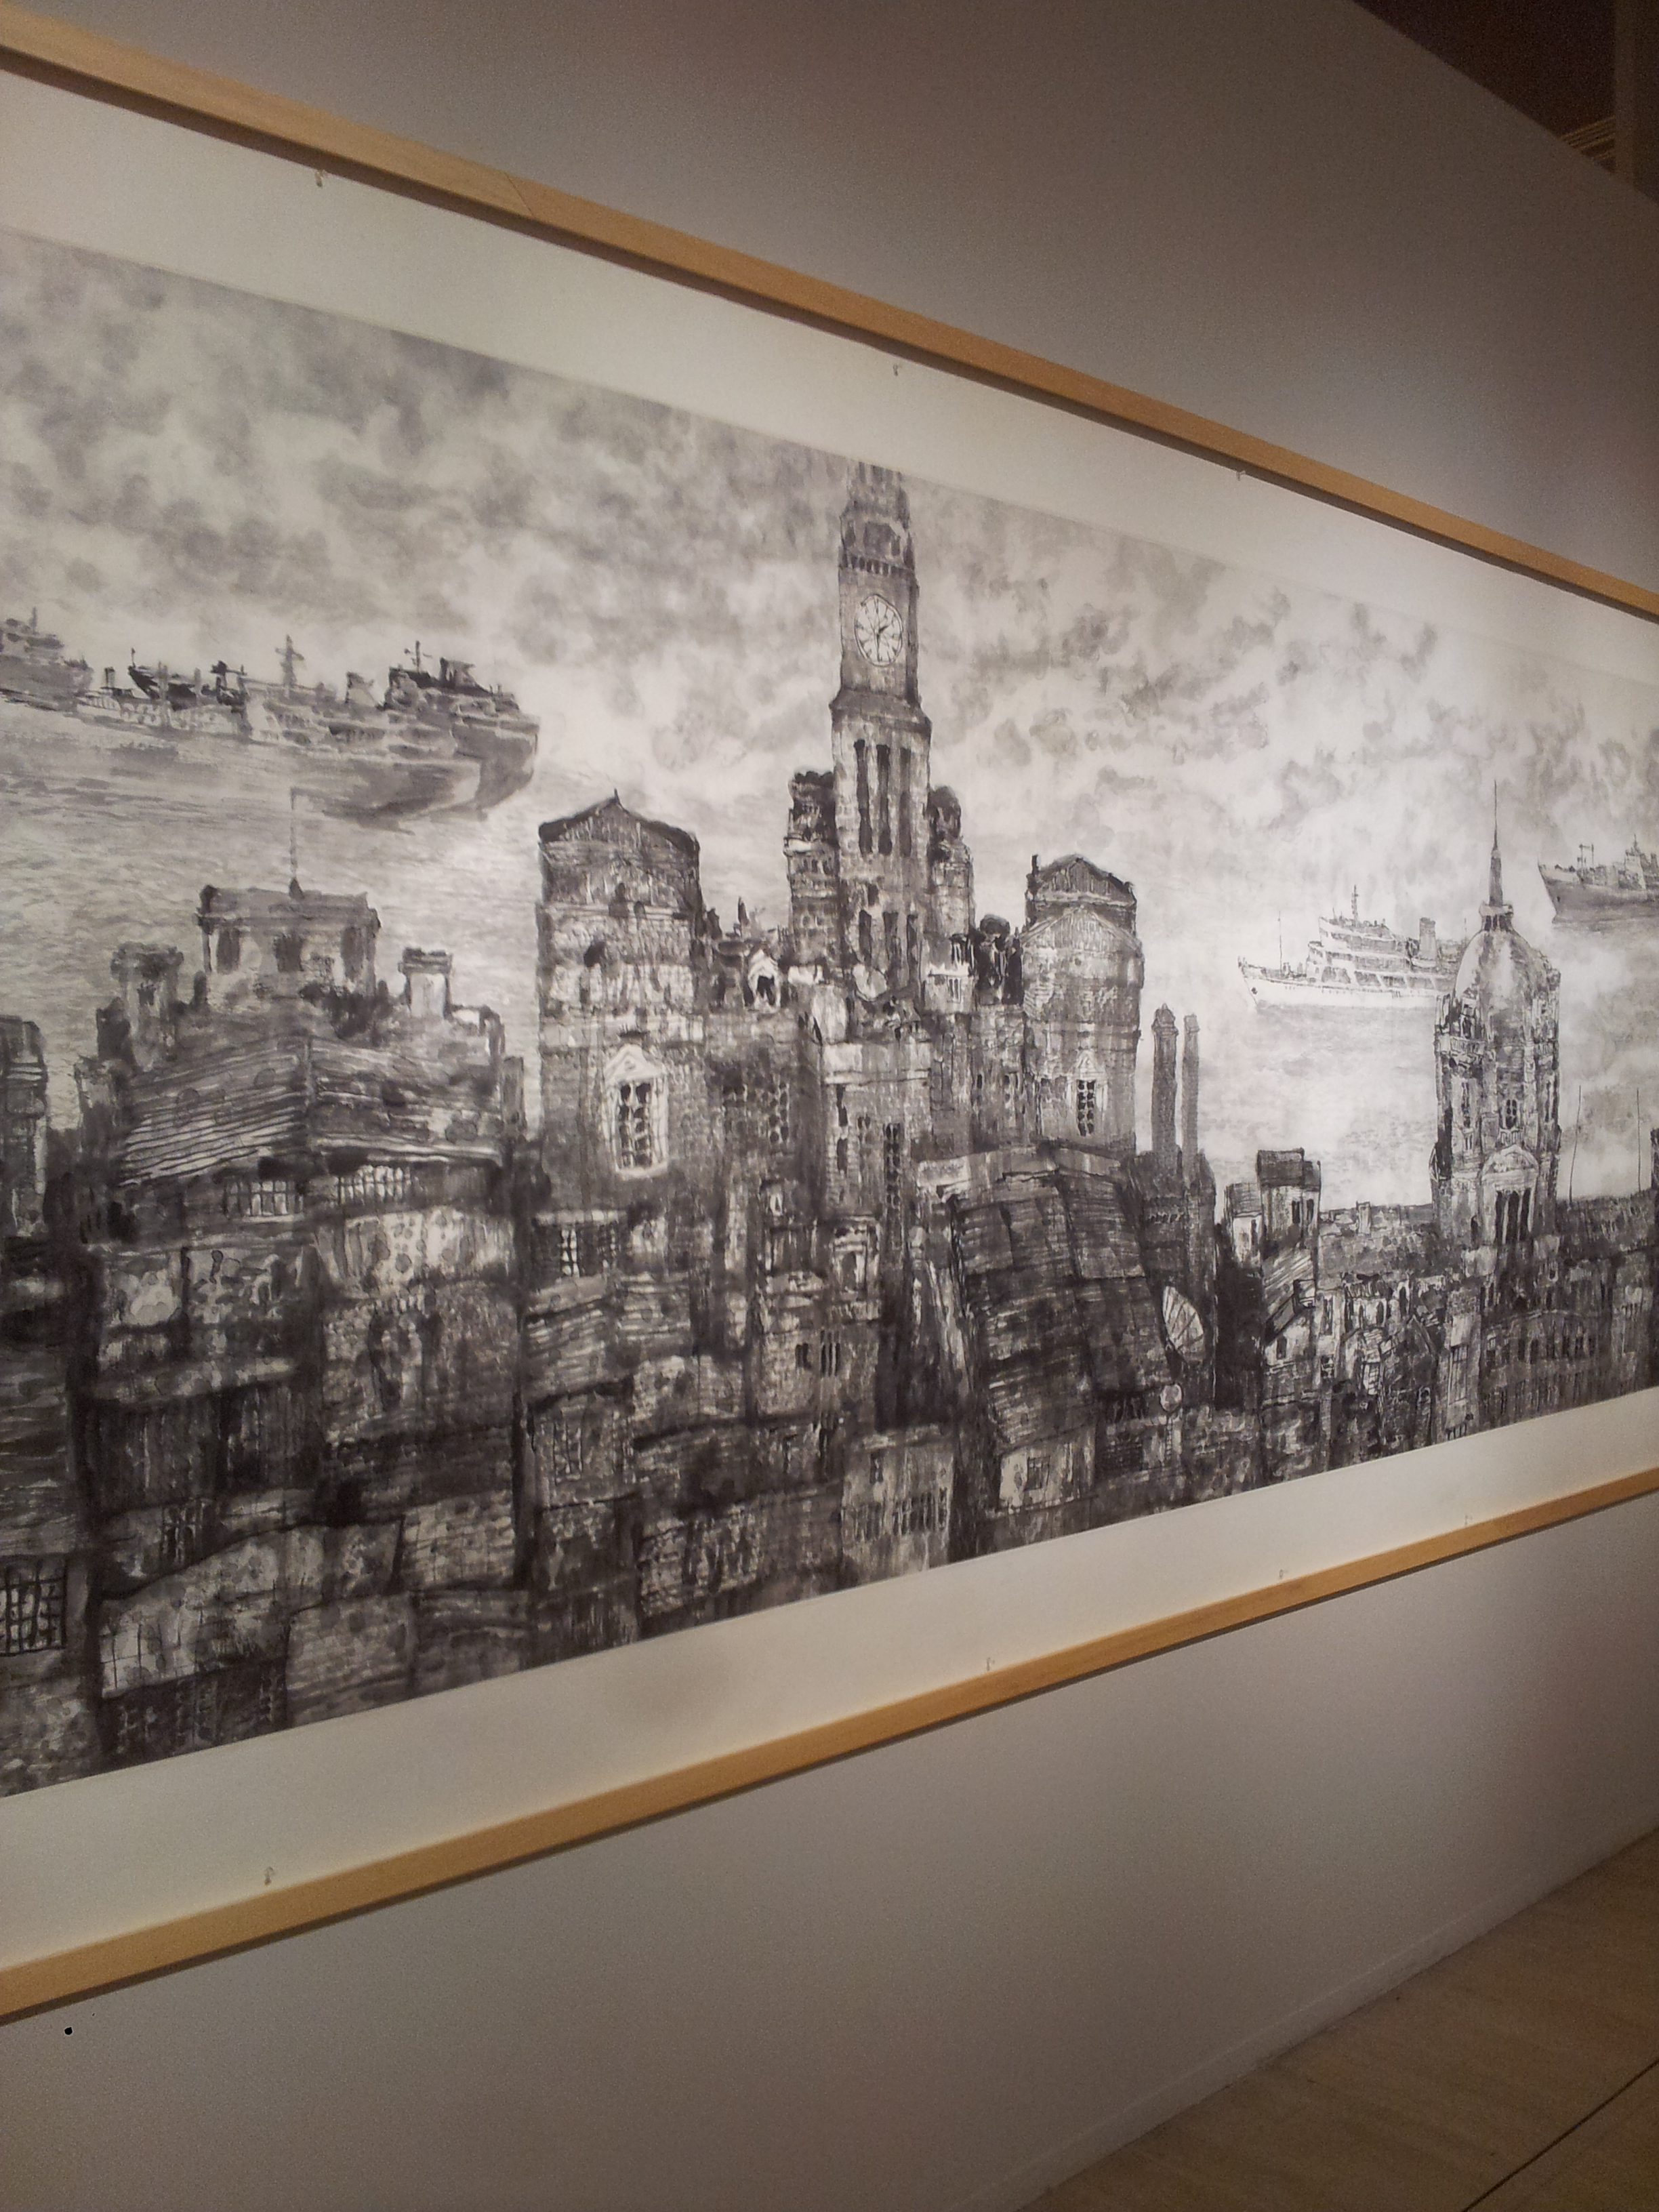 中国美术馆 - 北京游记攻略【携程攻略】图片